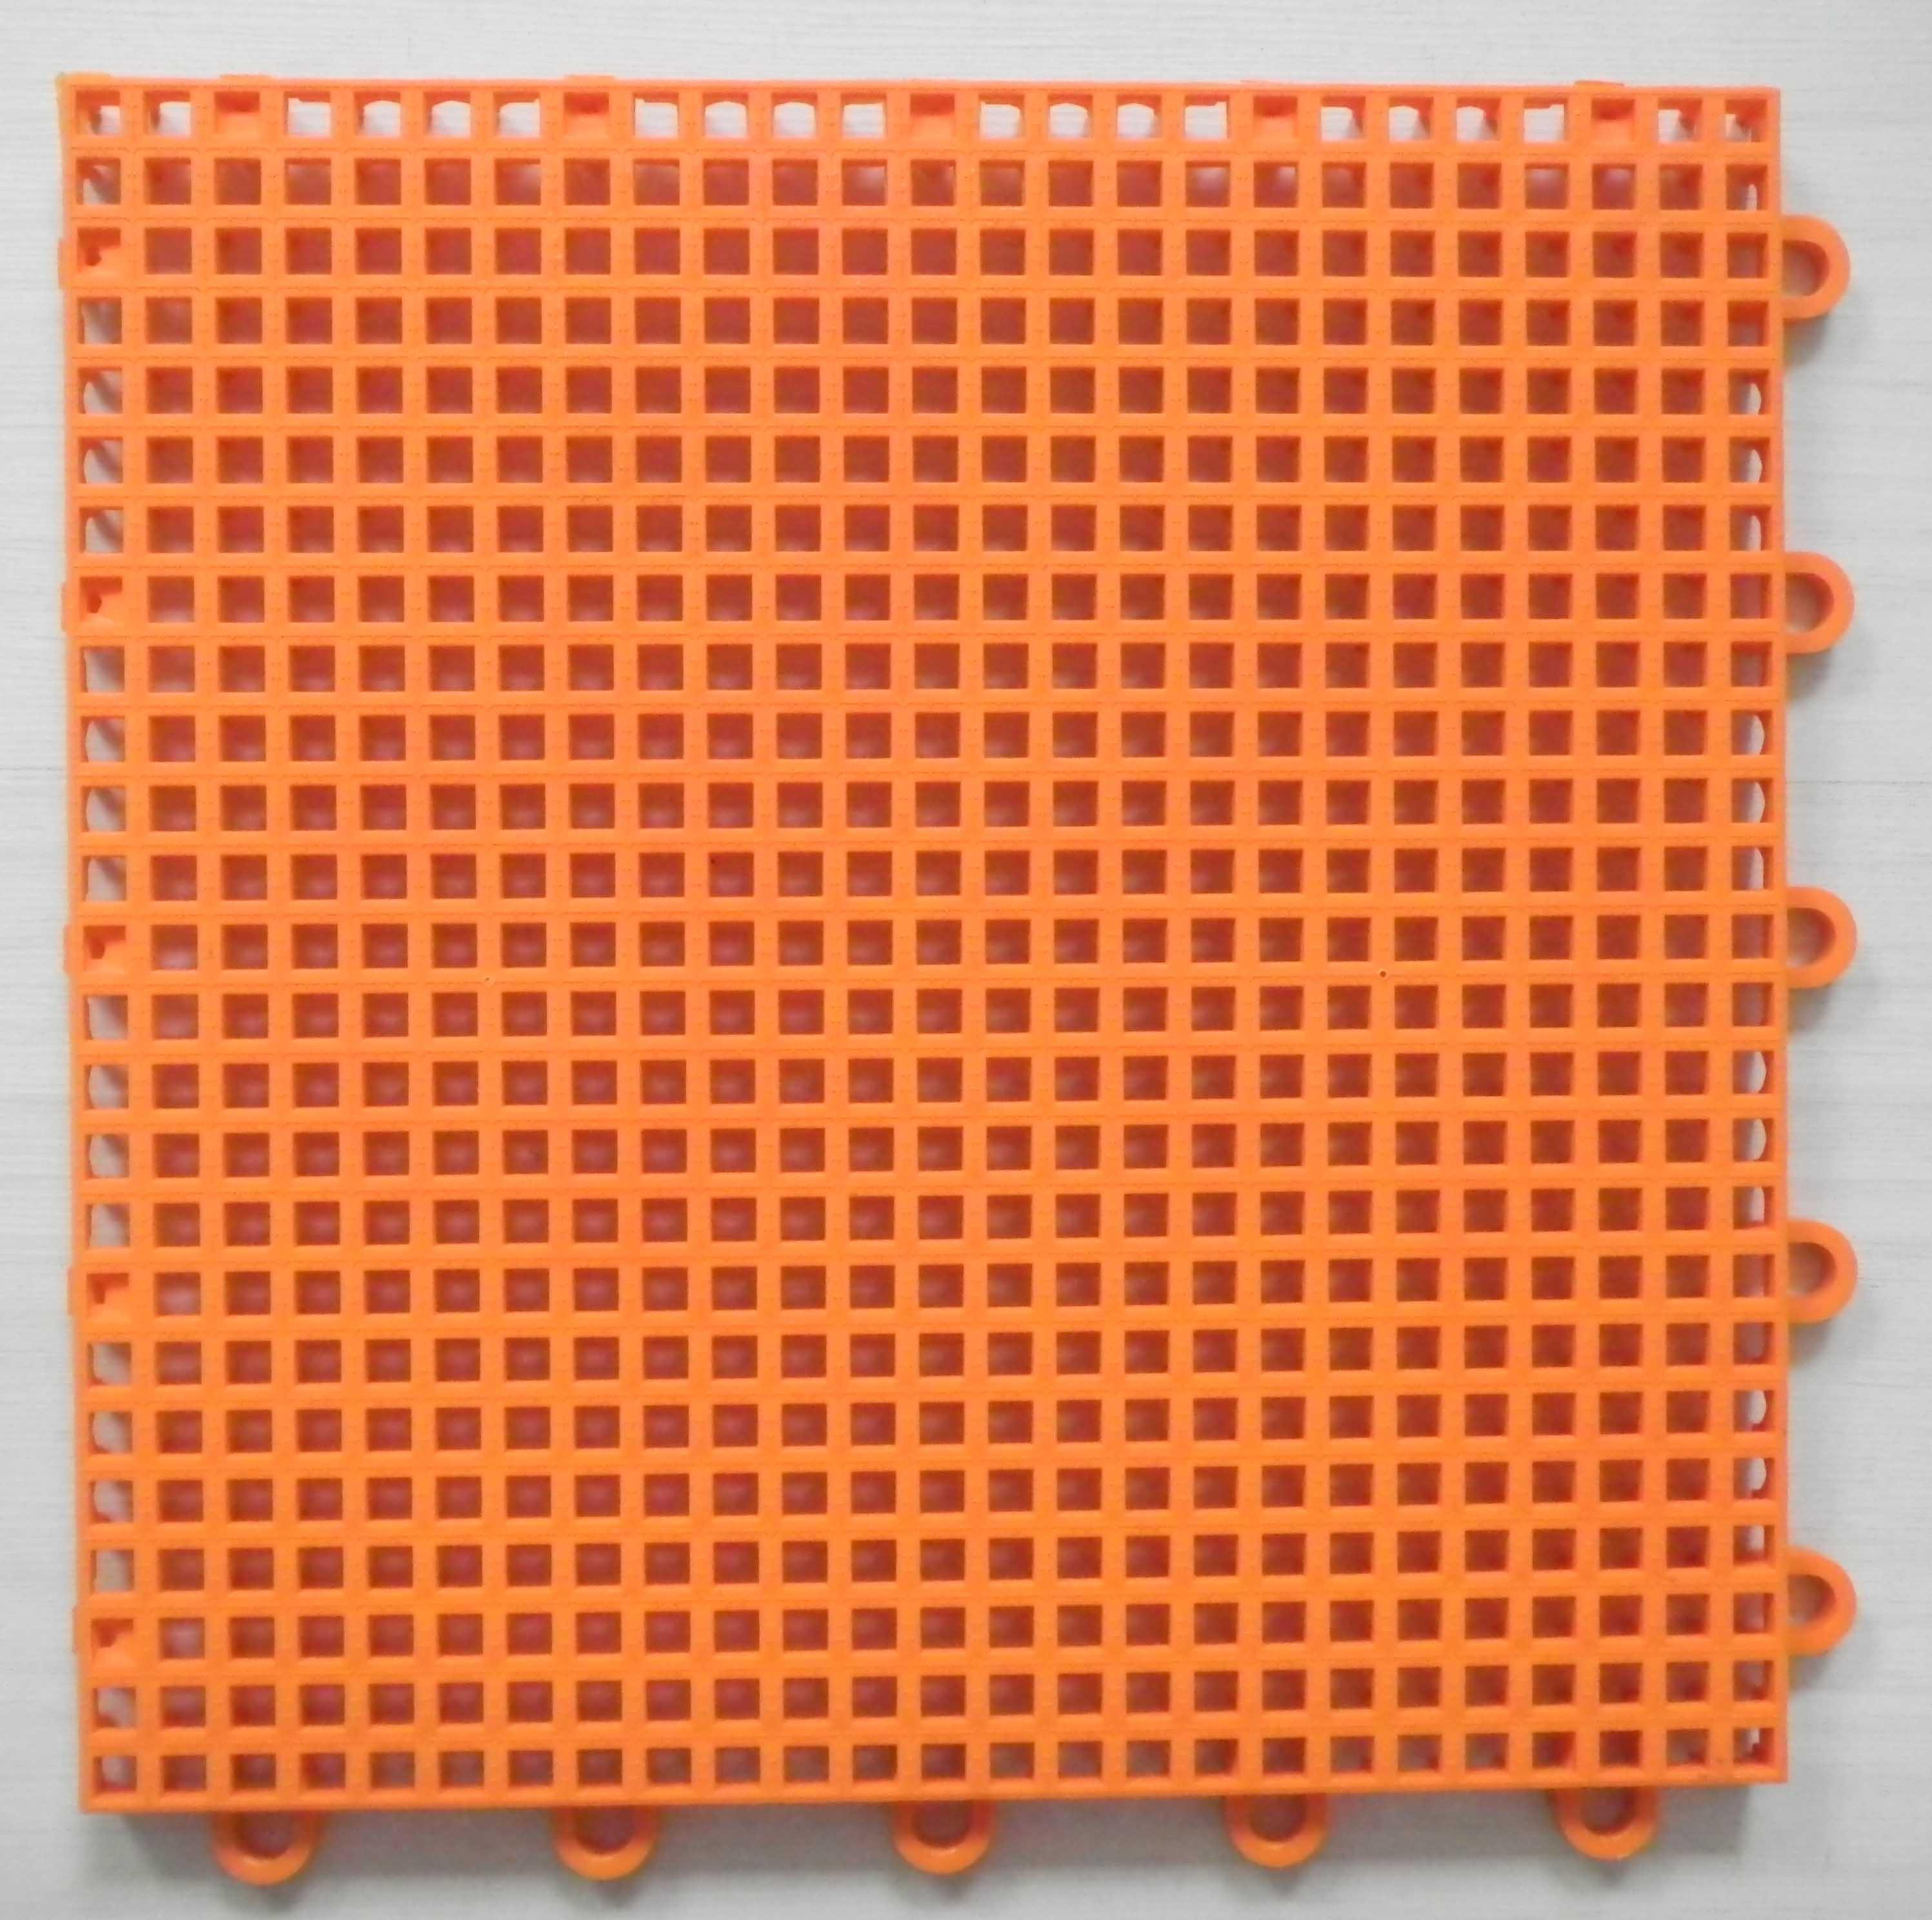 Square flat edges